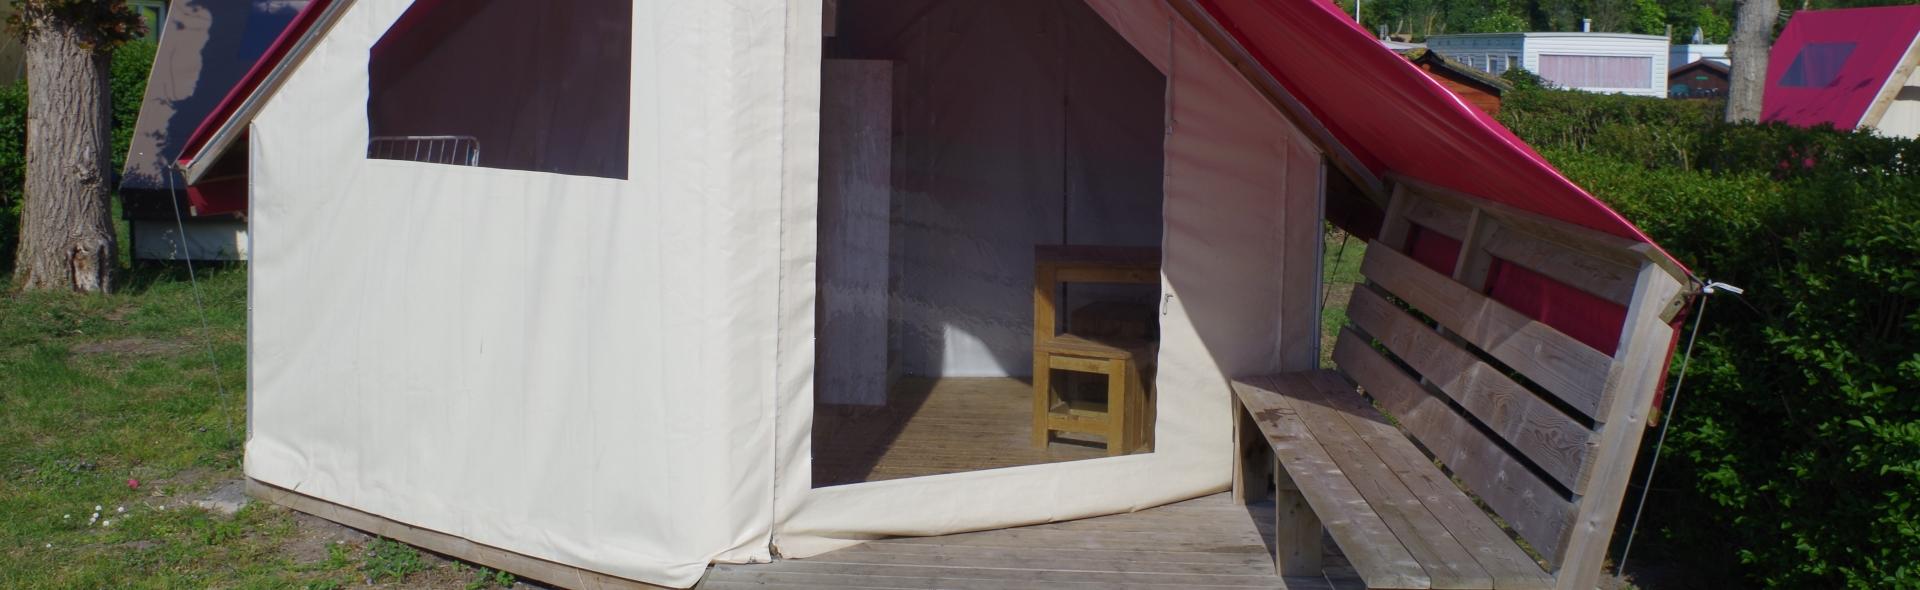 location tente gravelines Camping des Dunes 4 étoiles